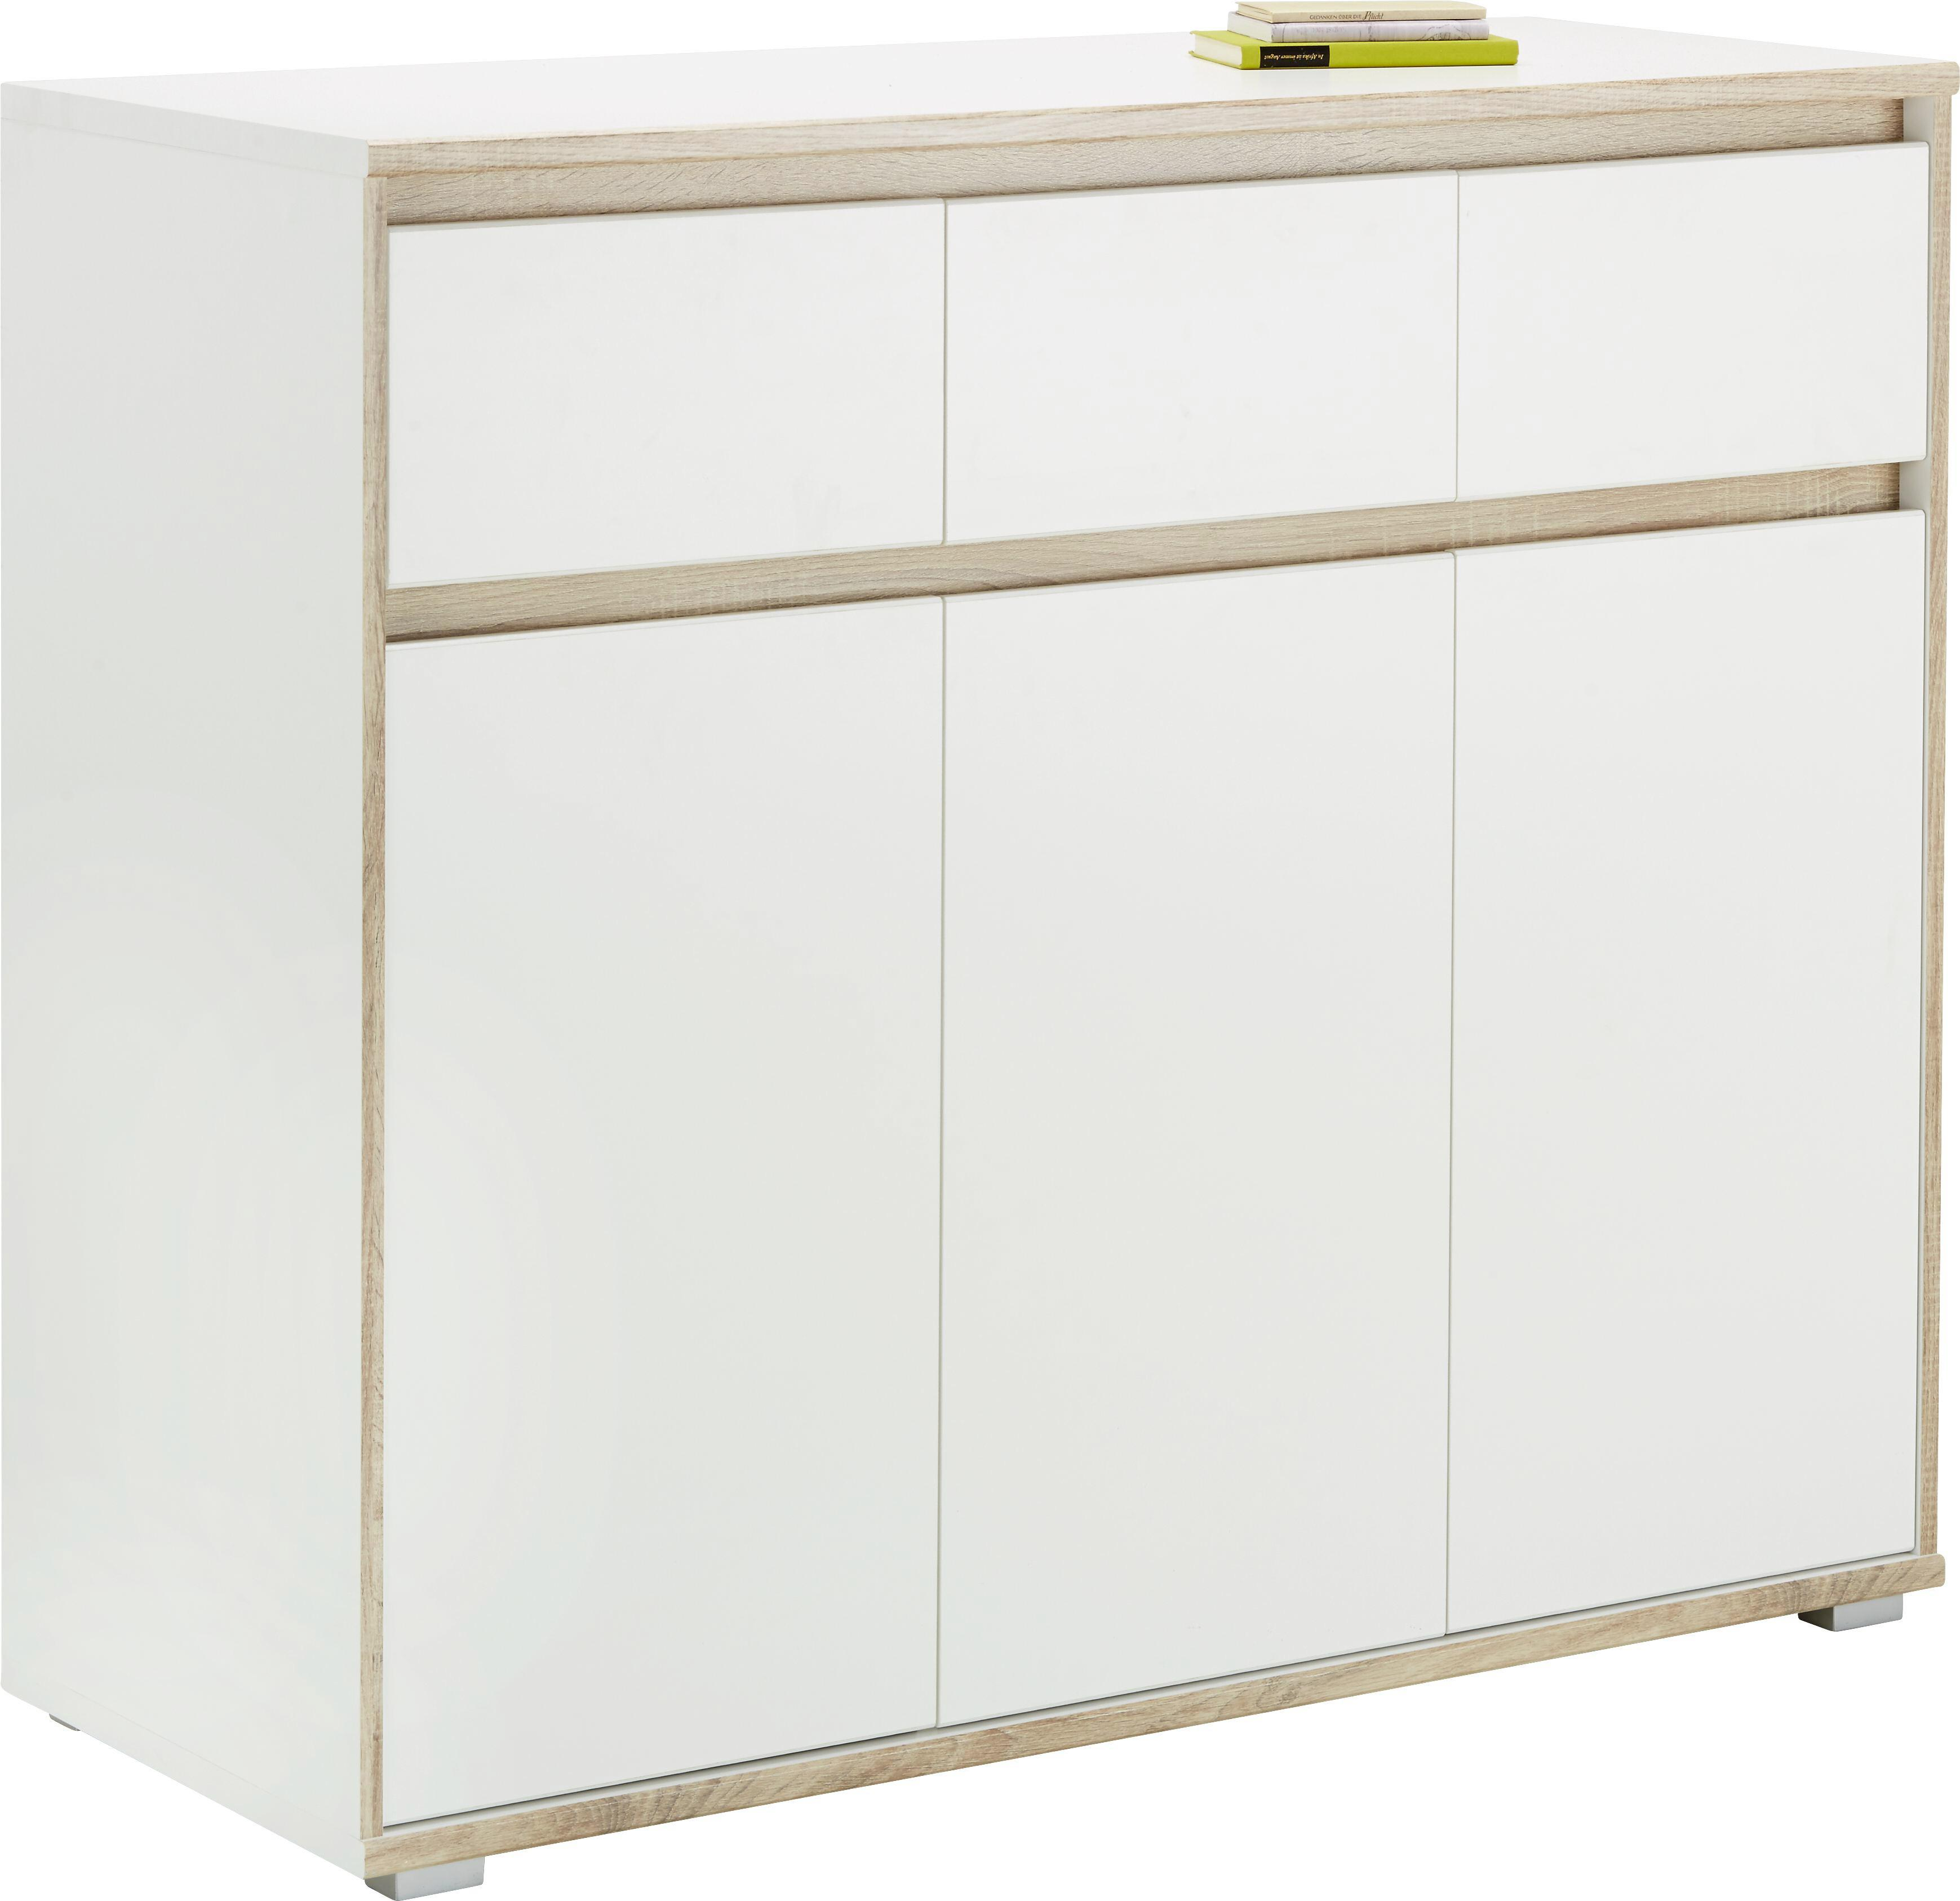 Sideboard in Weiß - Silberfarben/Weiß, MODERN, Holzwerkstoff (118/103/48cm) - MÖMAX modern living